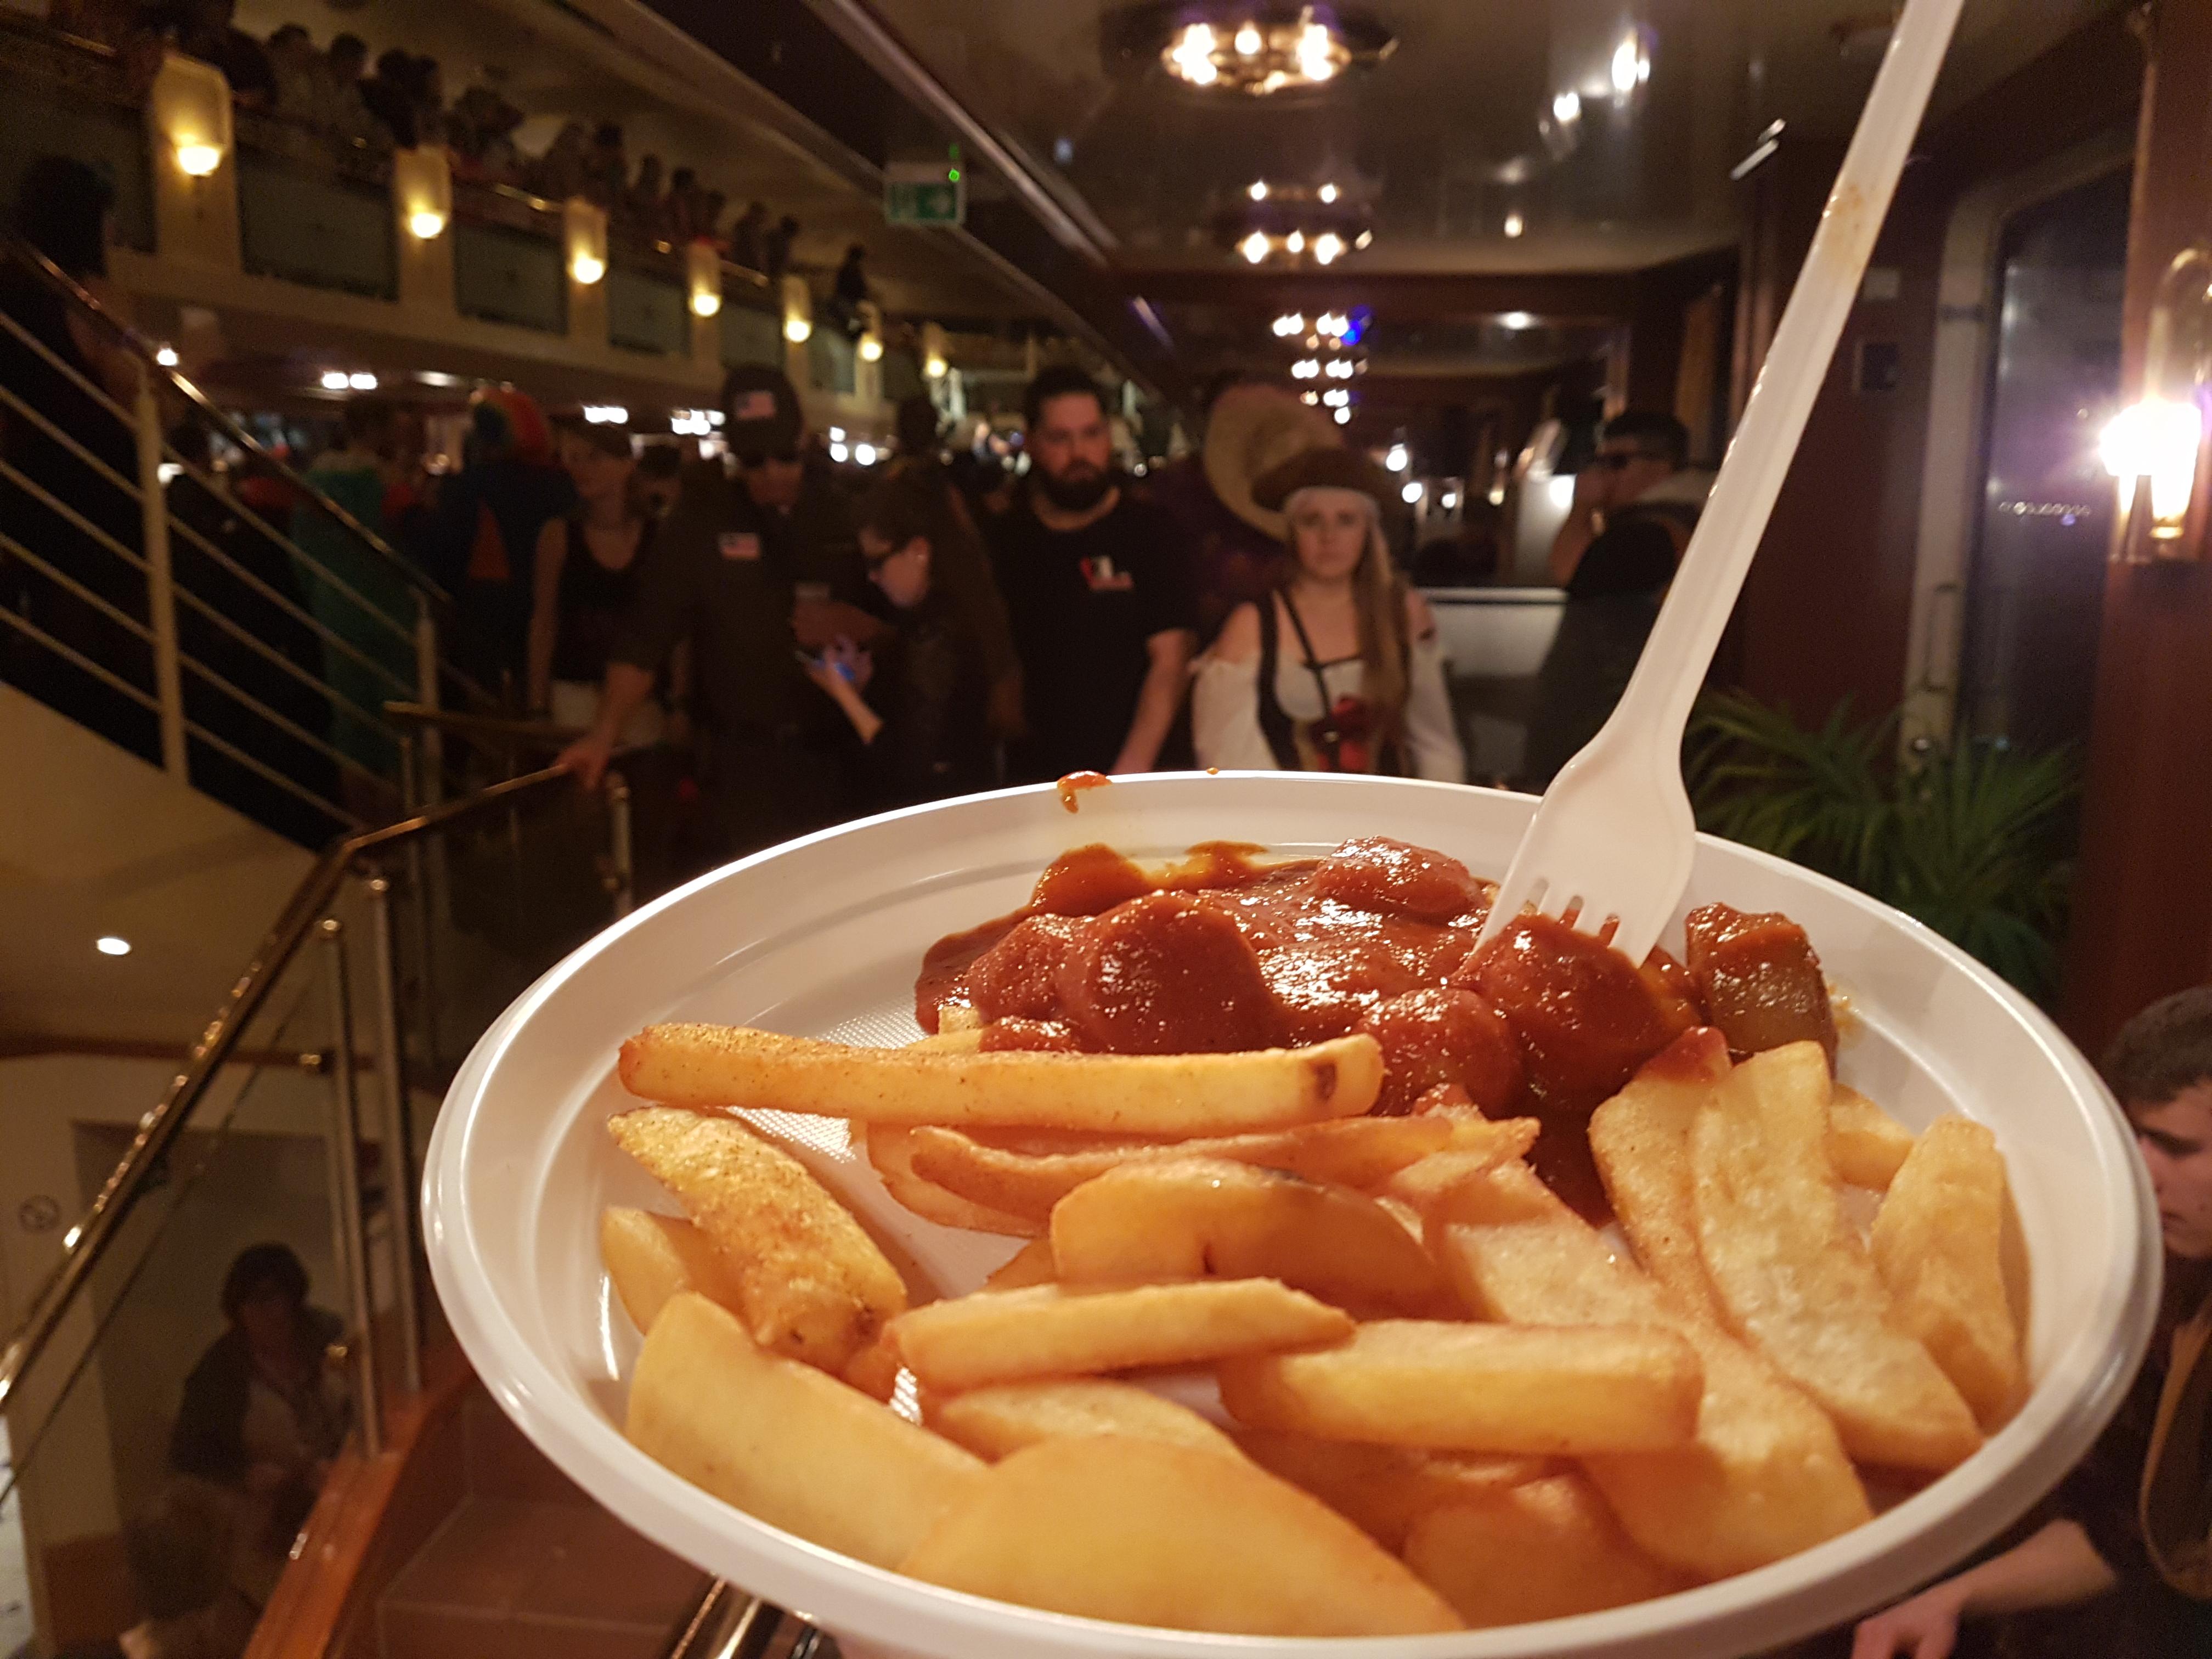 http://foodloader.net/Holz_2018-02-09_Currywurst_mit_Pommes.jpg